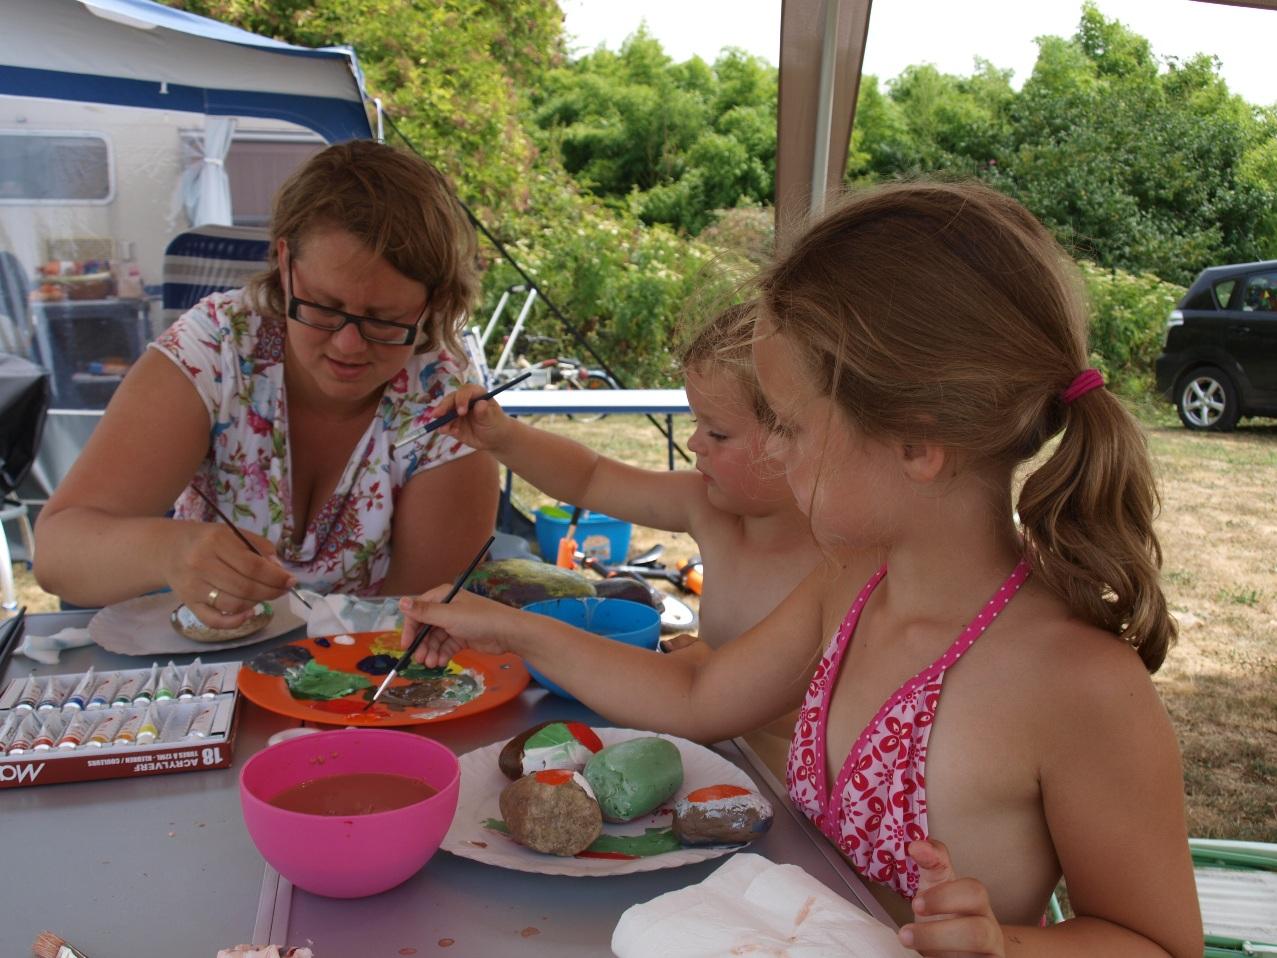 Vakantie met kinderen, kamperen met kinderen, kids er op uit, stenen schilderen, creatief met stenen